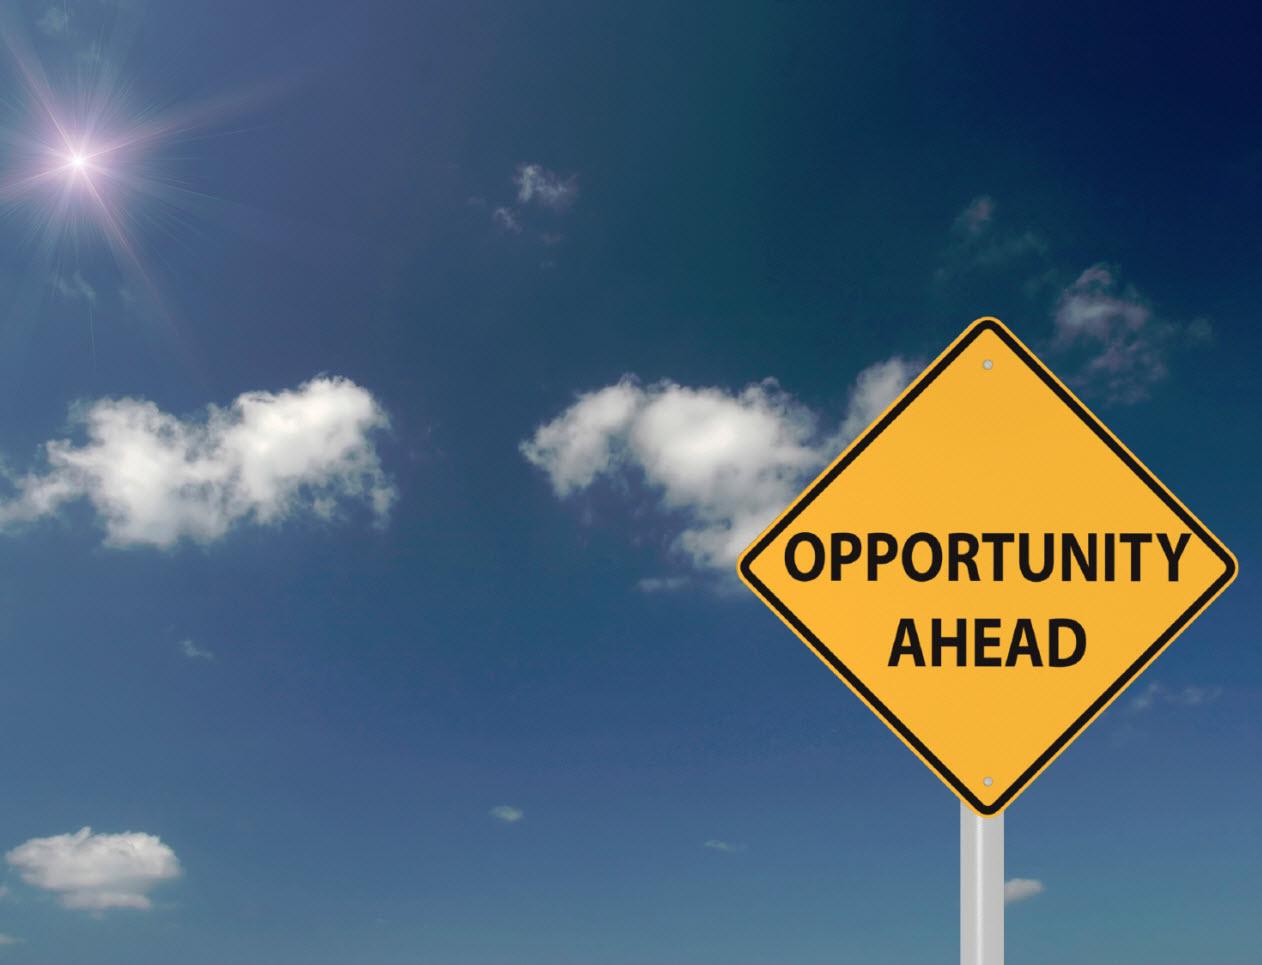 Una vita piena di opportunità!